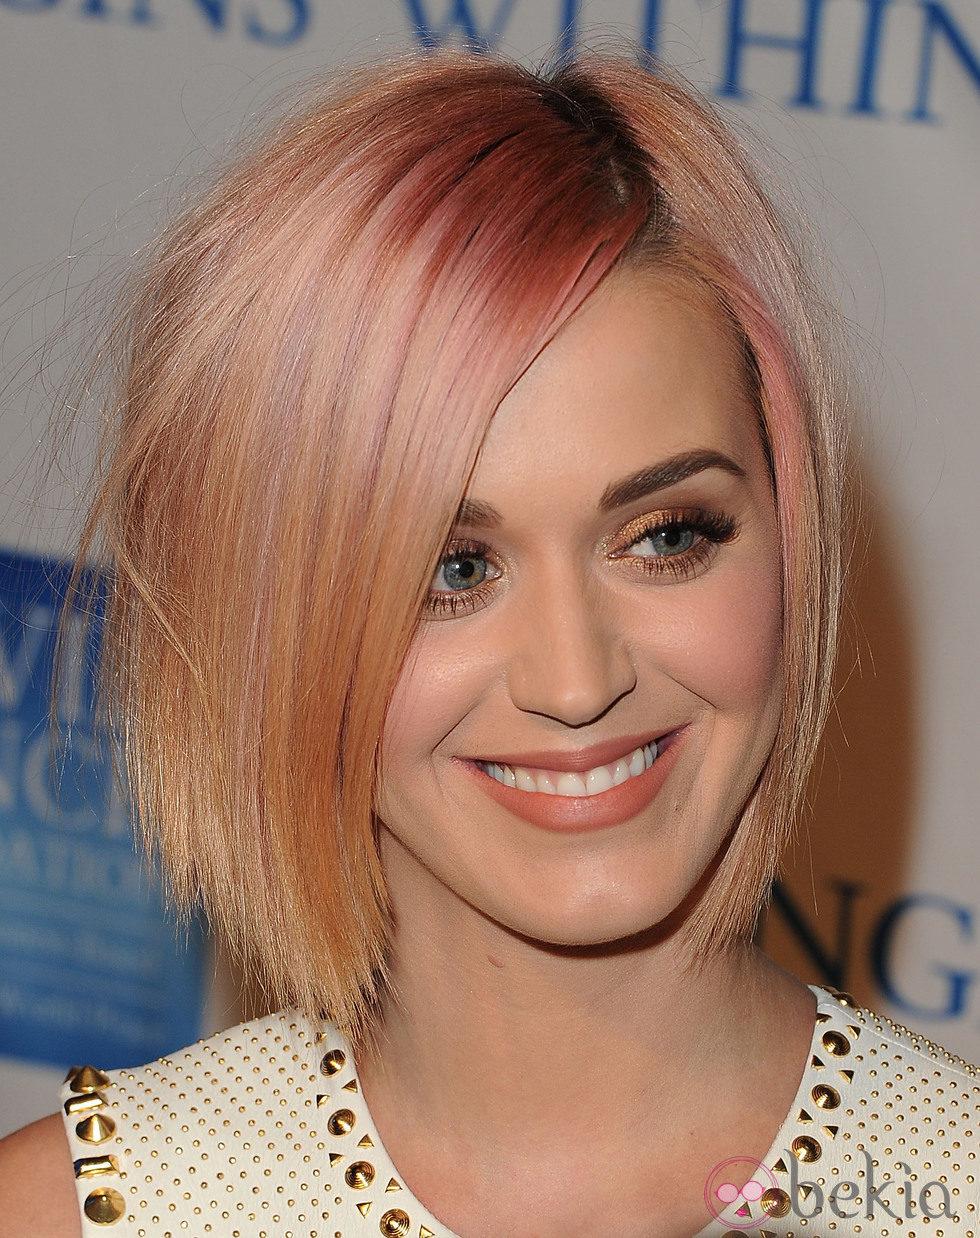 Peinado de Katy Perry con corte bob rubio